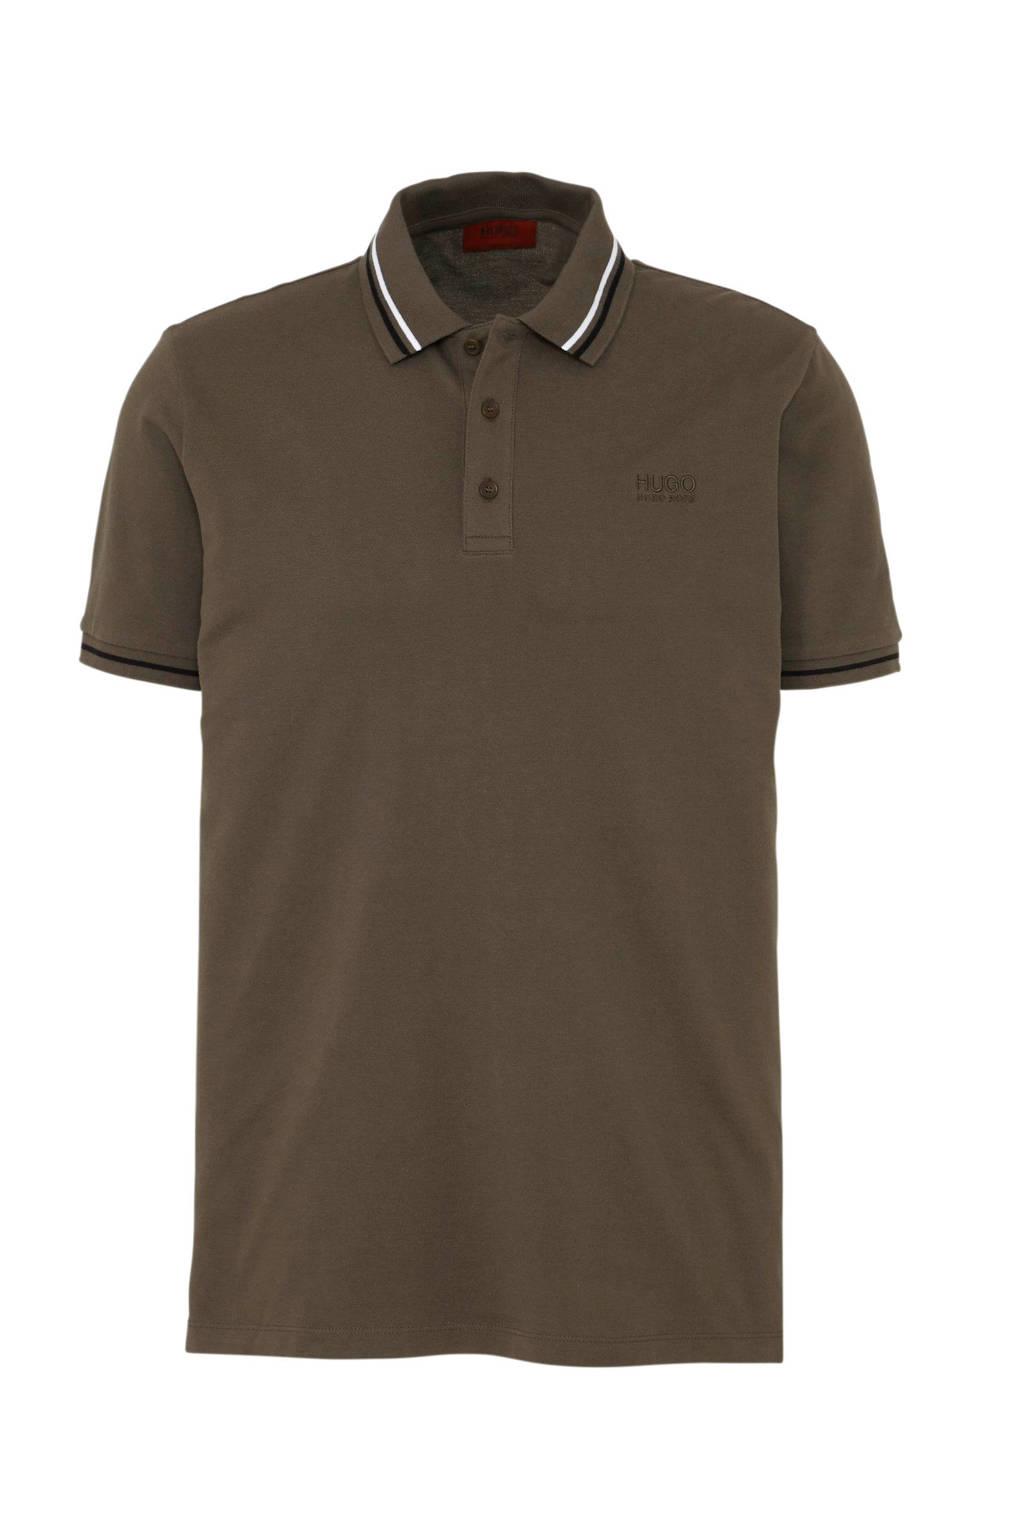 HUGO regular fit polo bruin, Bruin/wit/zwart